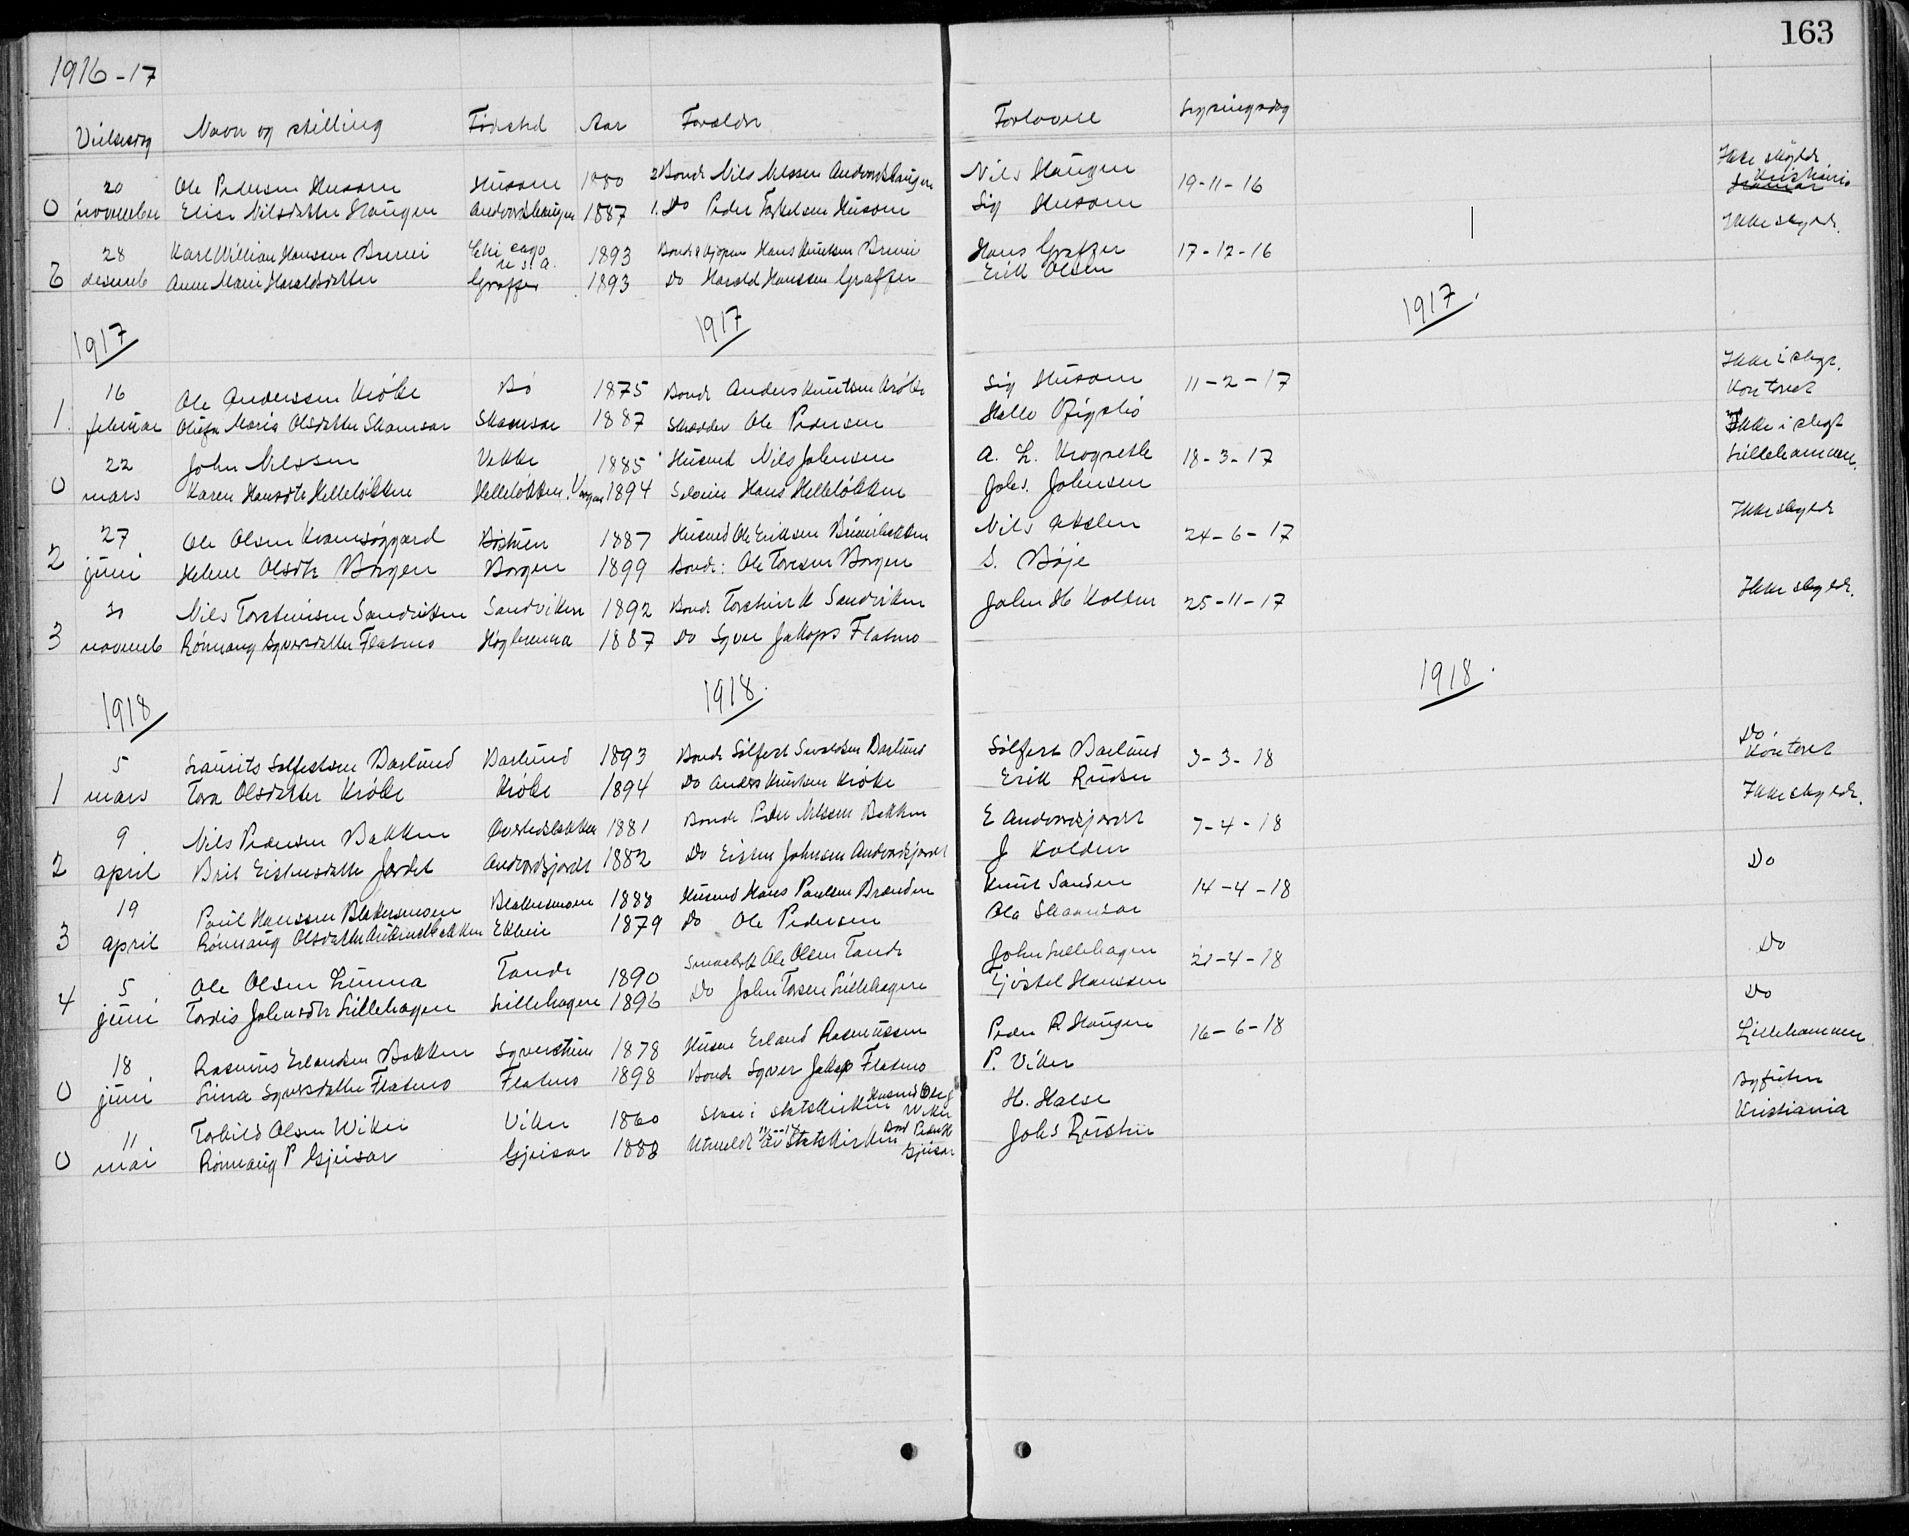 SAH, Lom prestekontor, L/L0013: Klokkerbok nr. 13, 1874-1938, s. 163